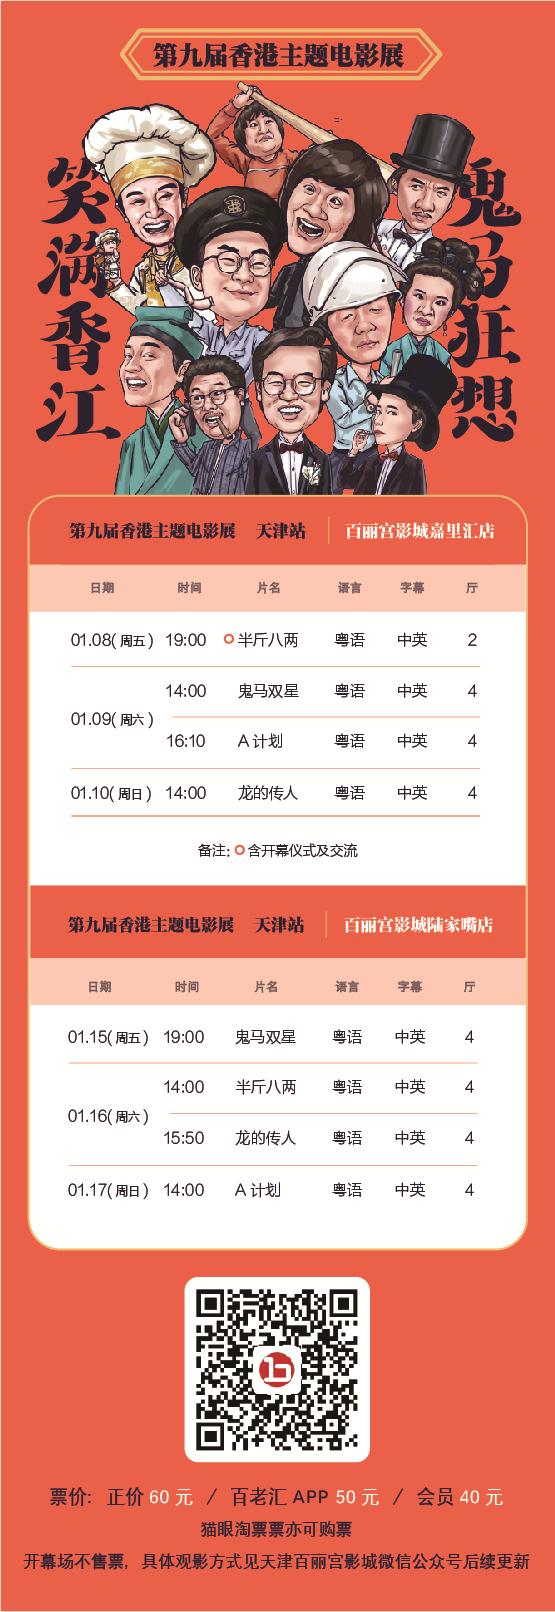 第九届香港影展天津站开幕 四部经典作品进行展映